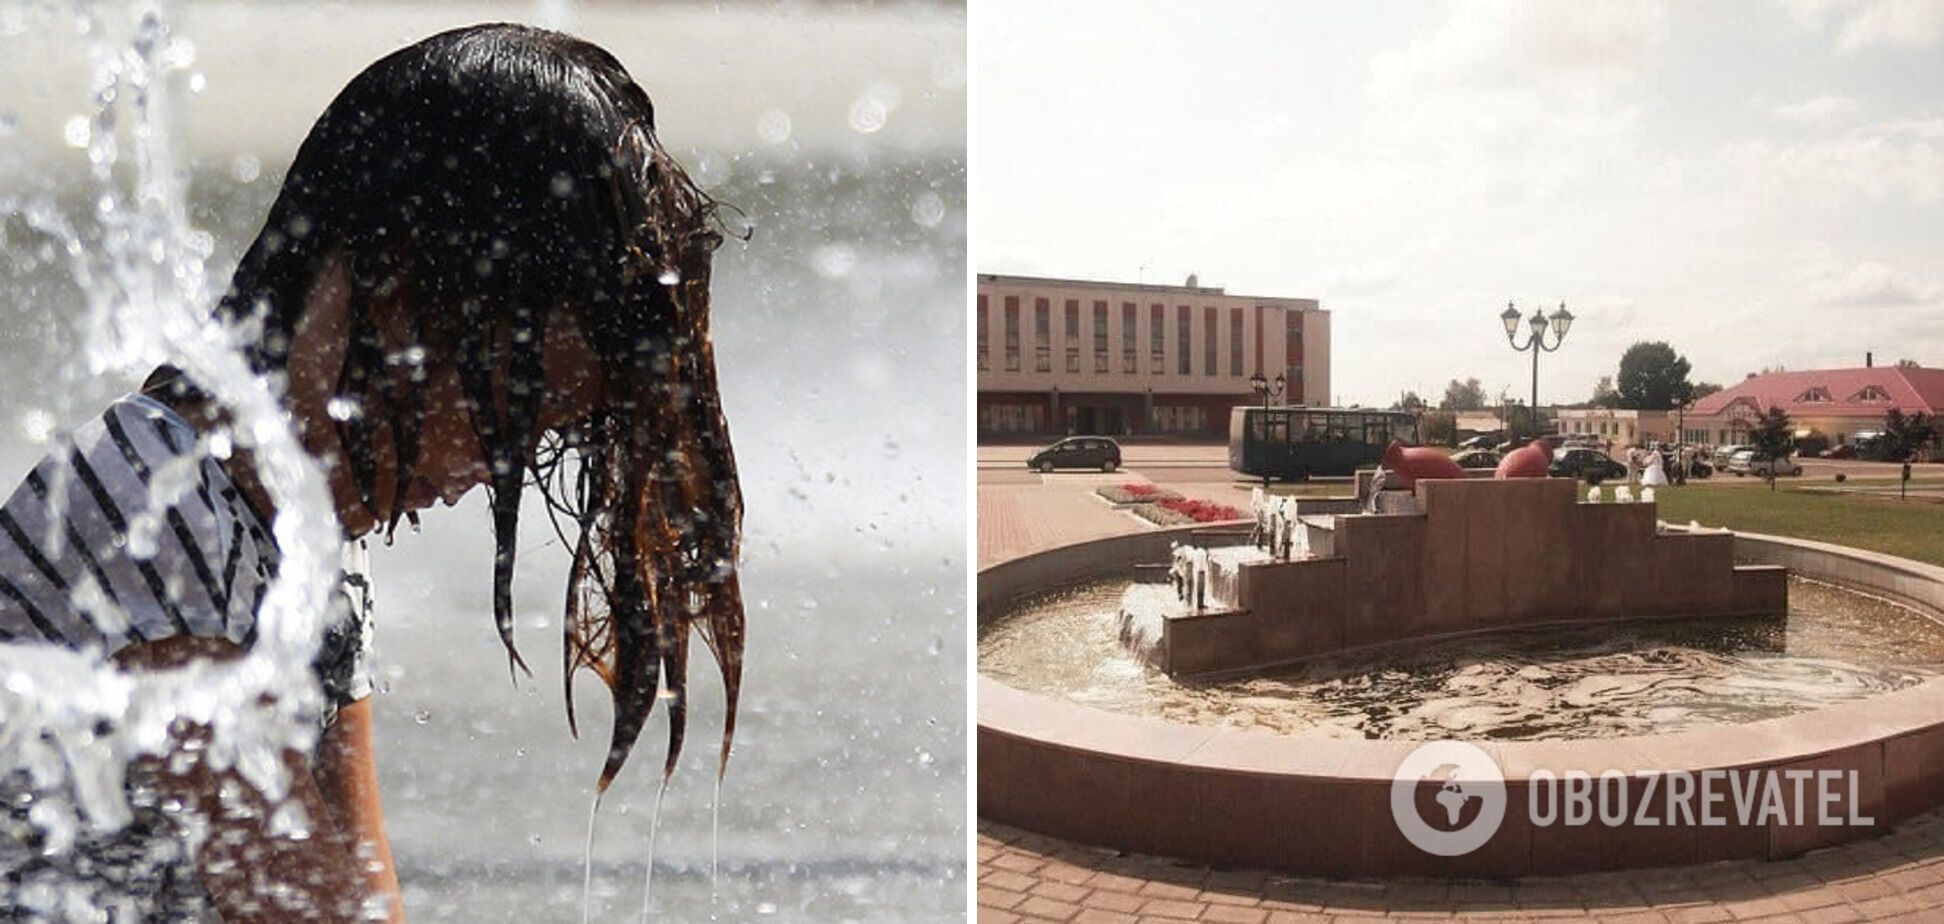 В Беларуси девушка погибла от удара током, пытаясь сделать фото в фонтане